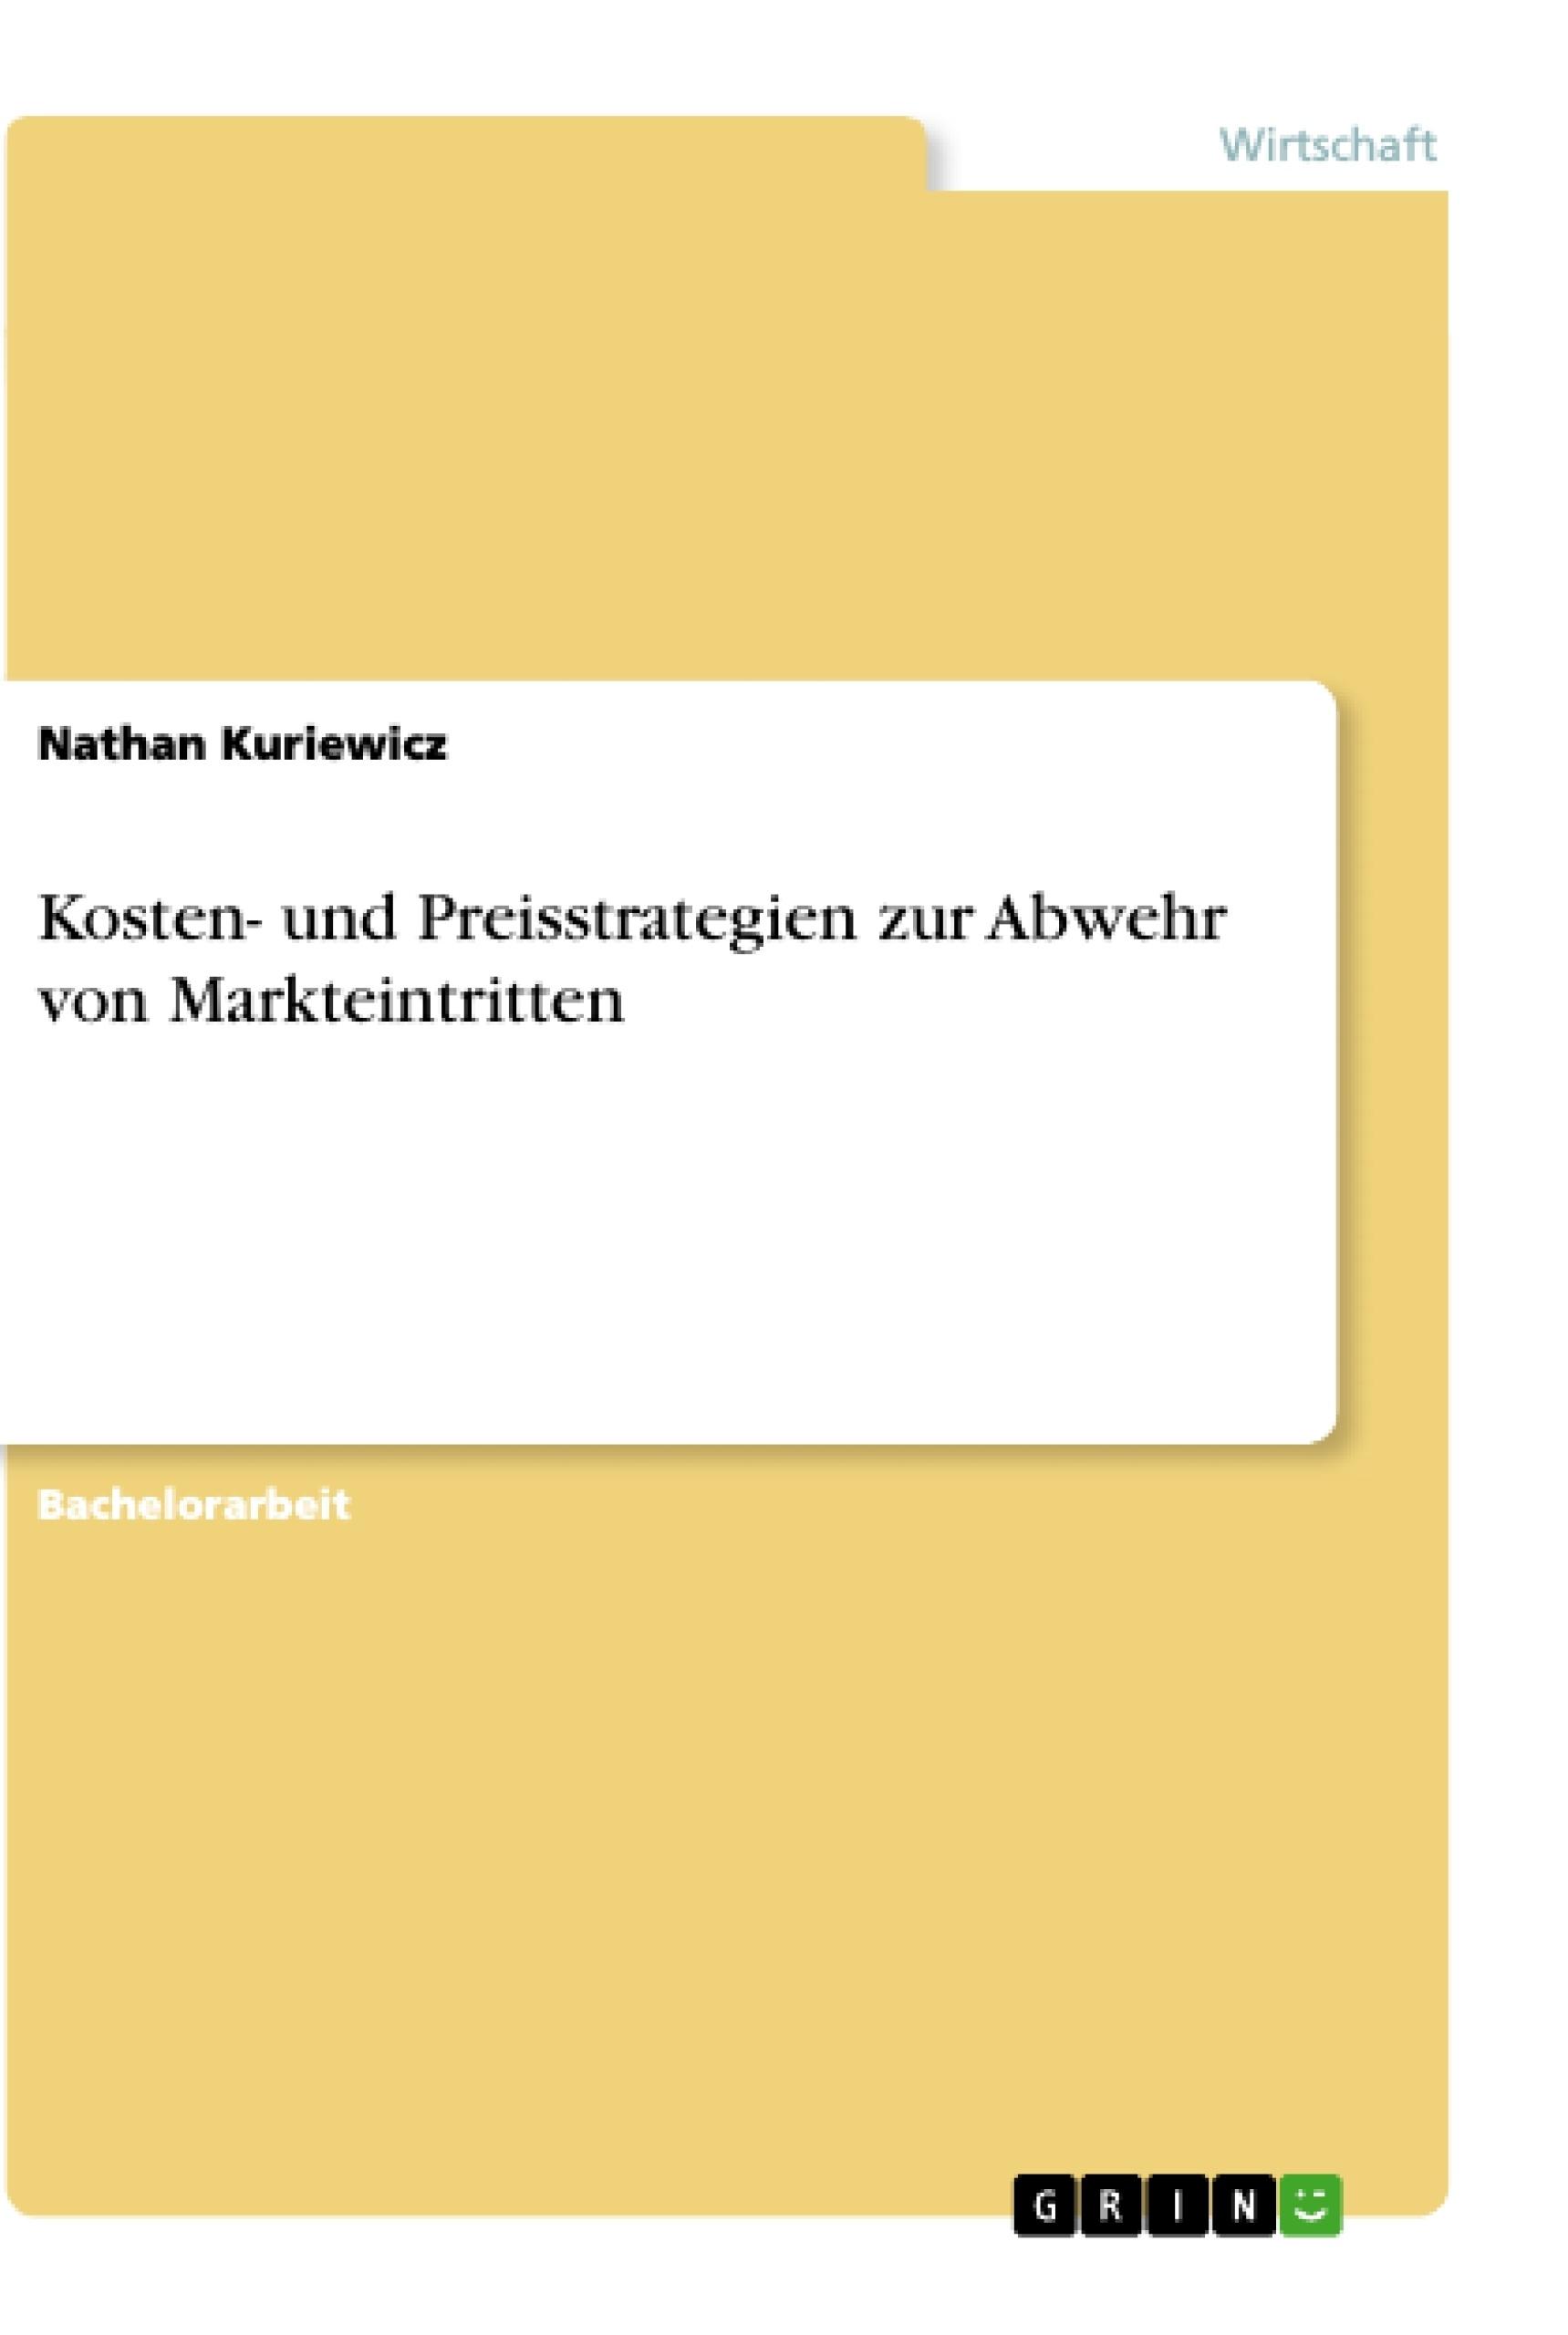 Titel: Kosten- und Preisstrategien zur Abwehr von Markteintritten